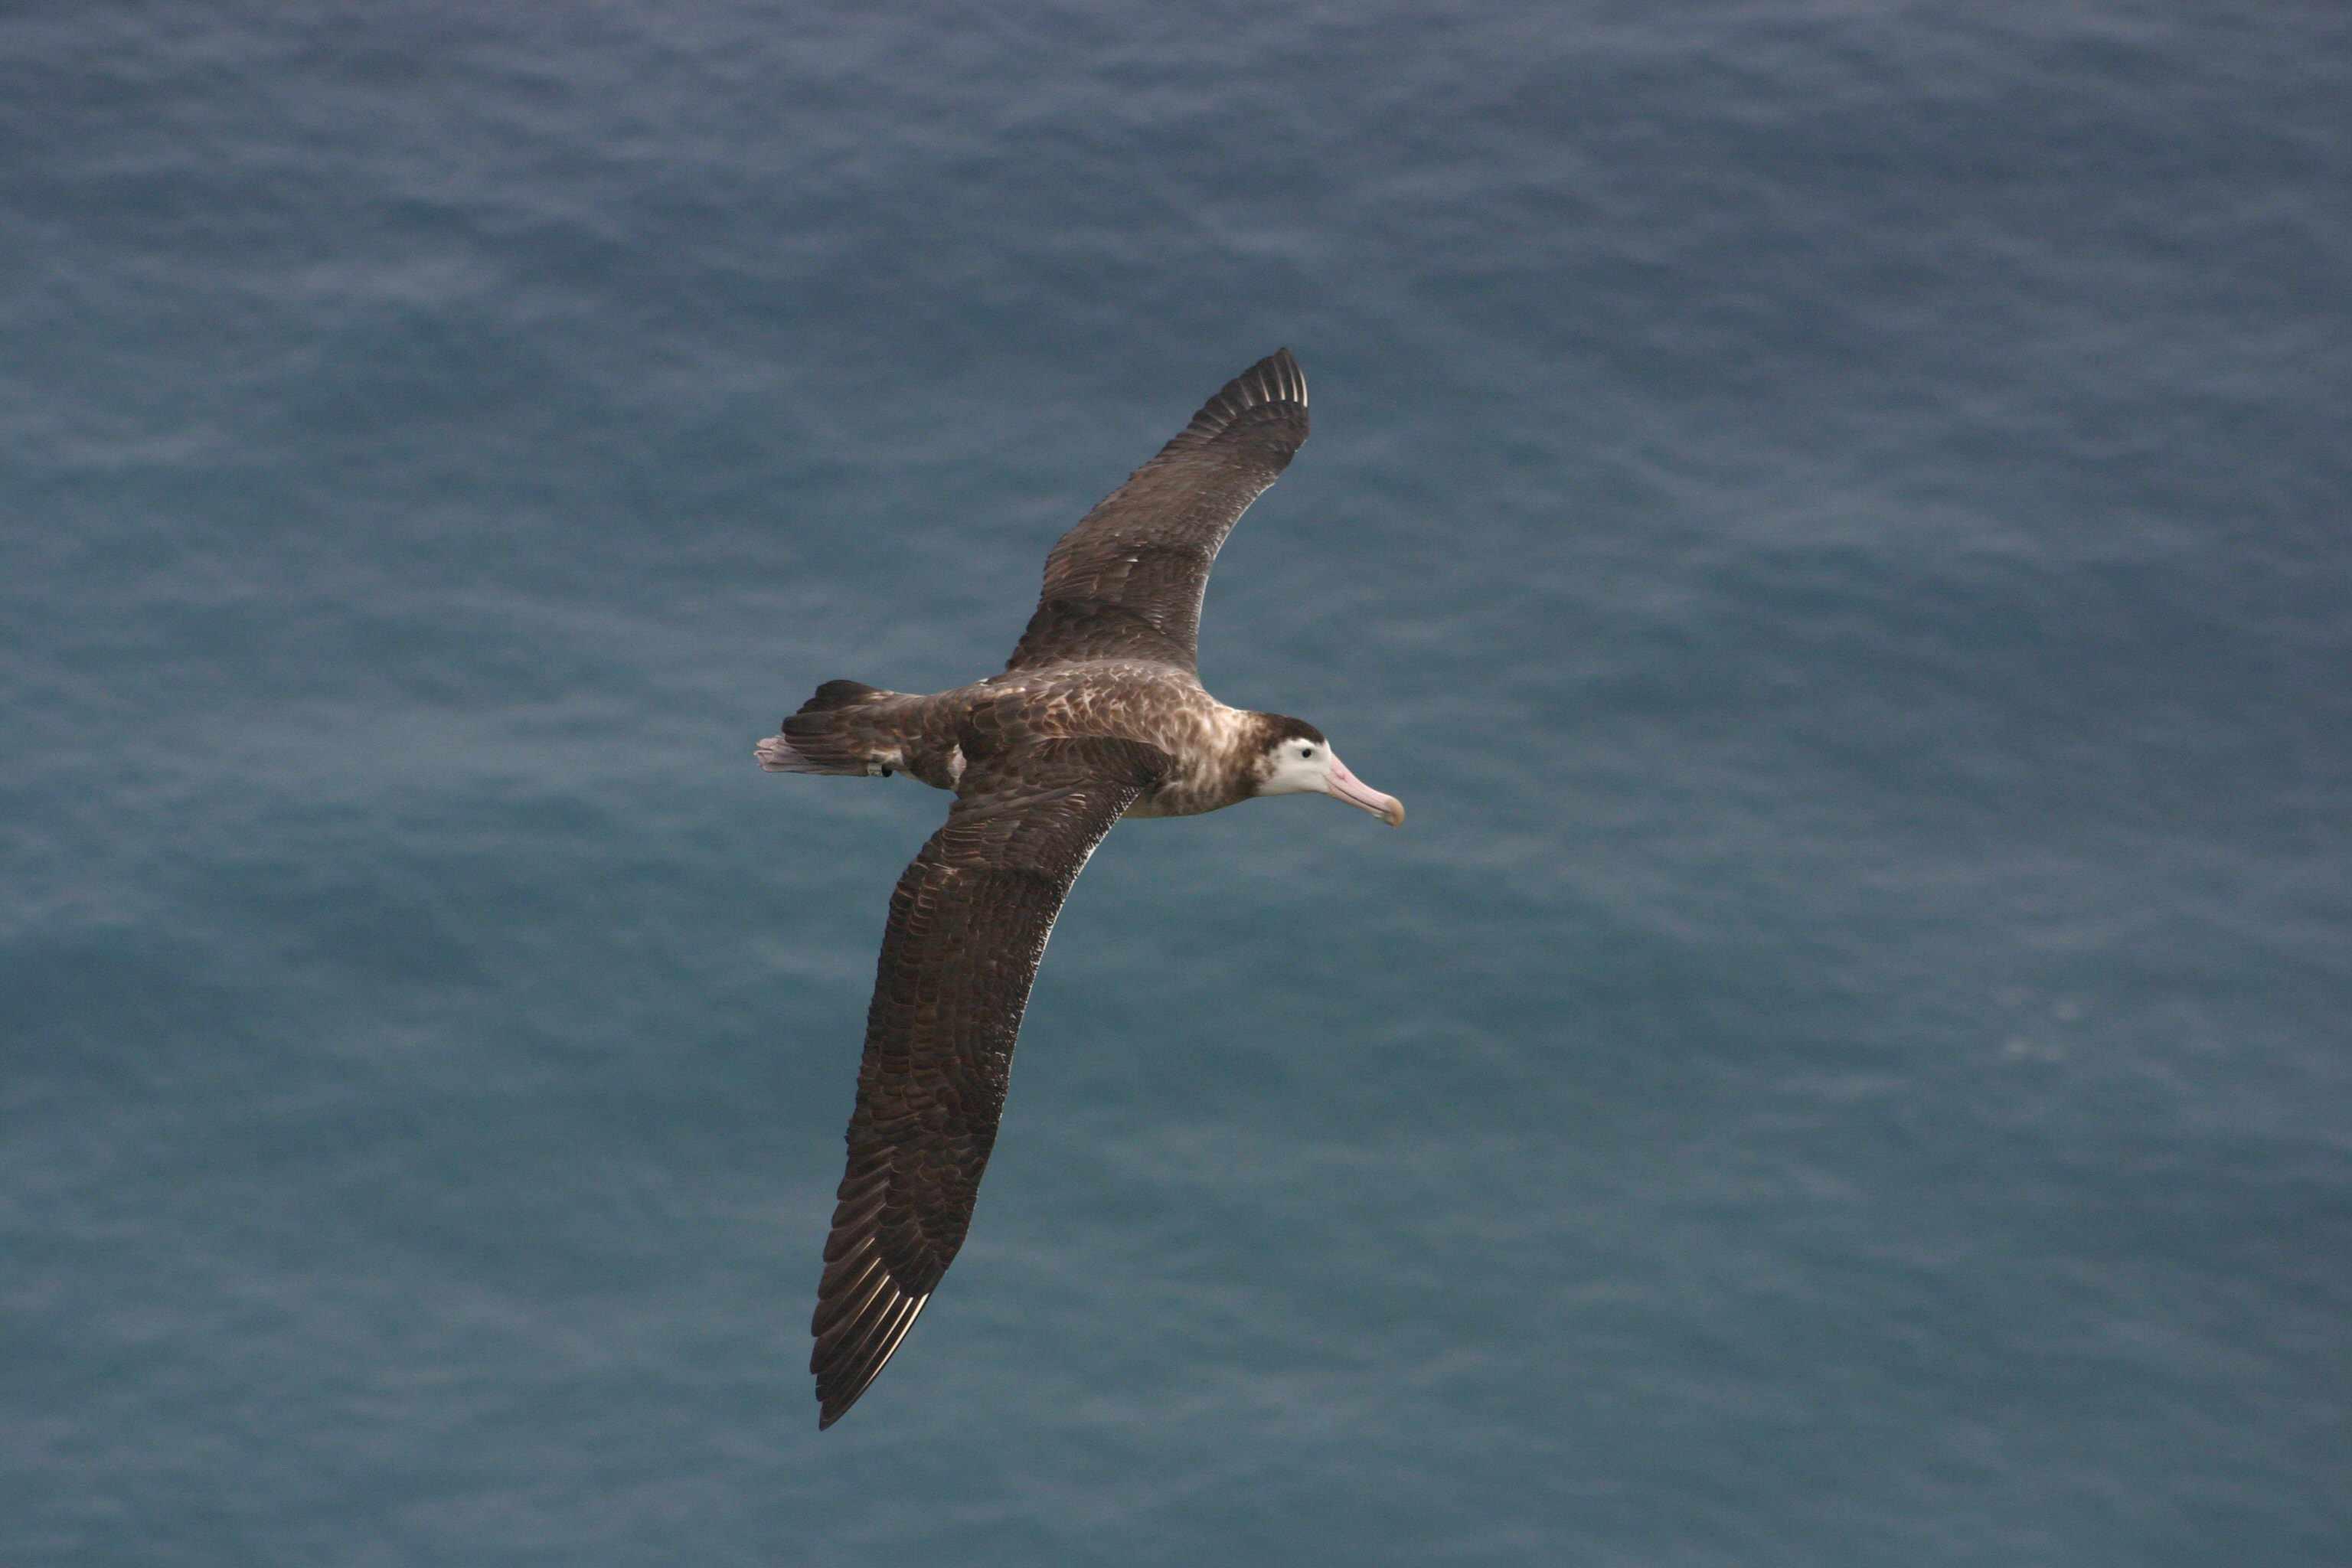 Amsterdam albatross flying over ocean